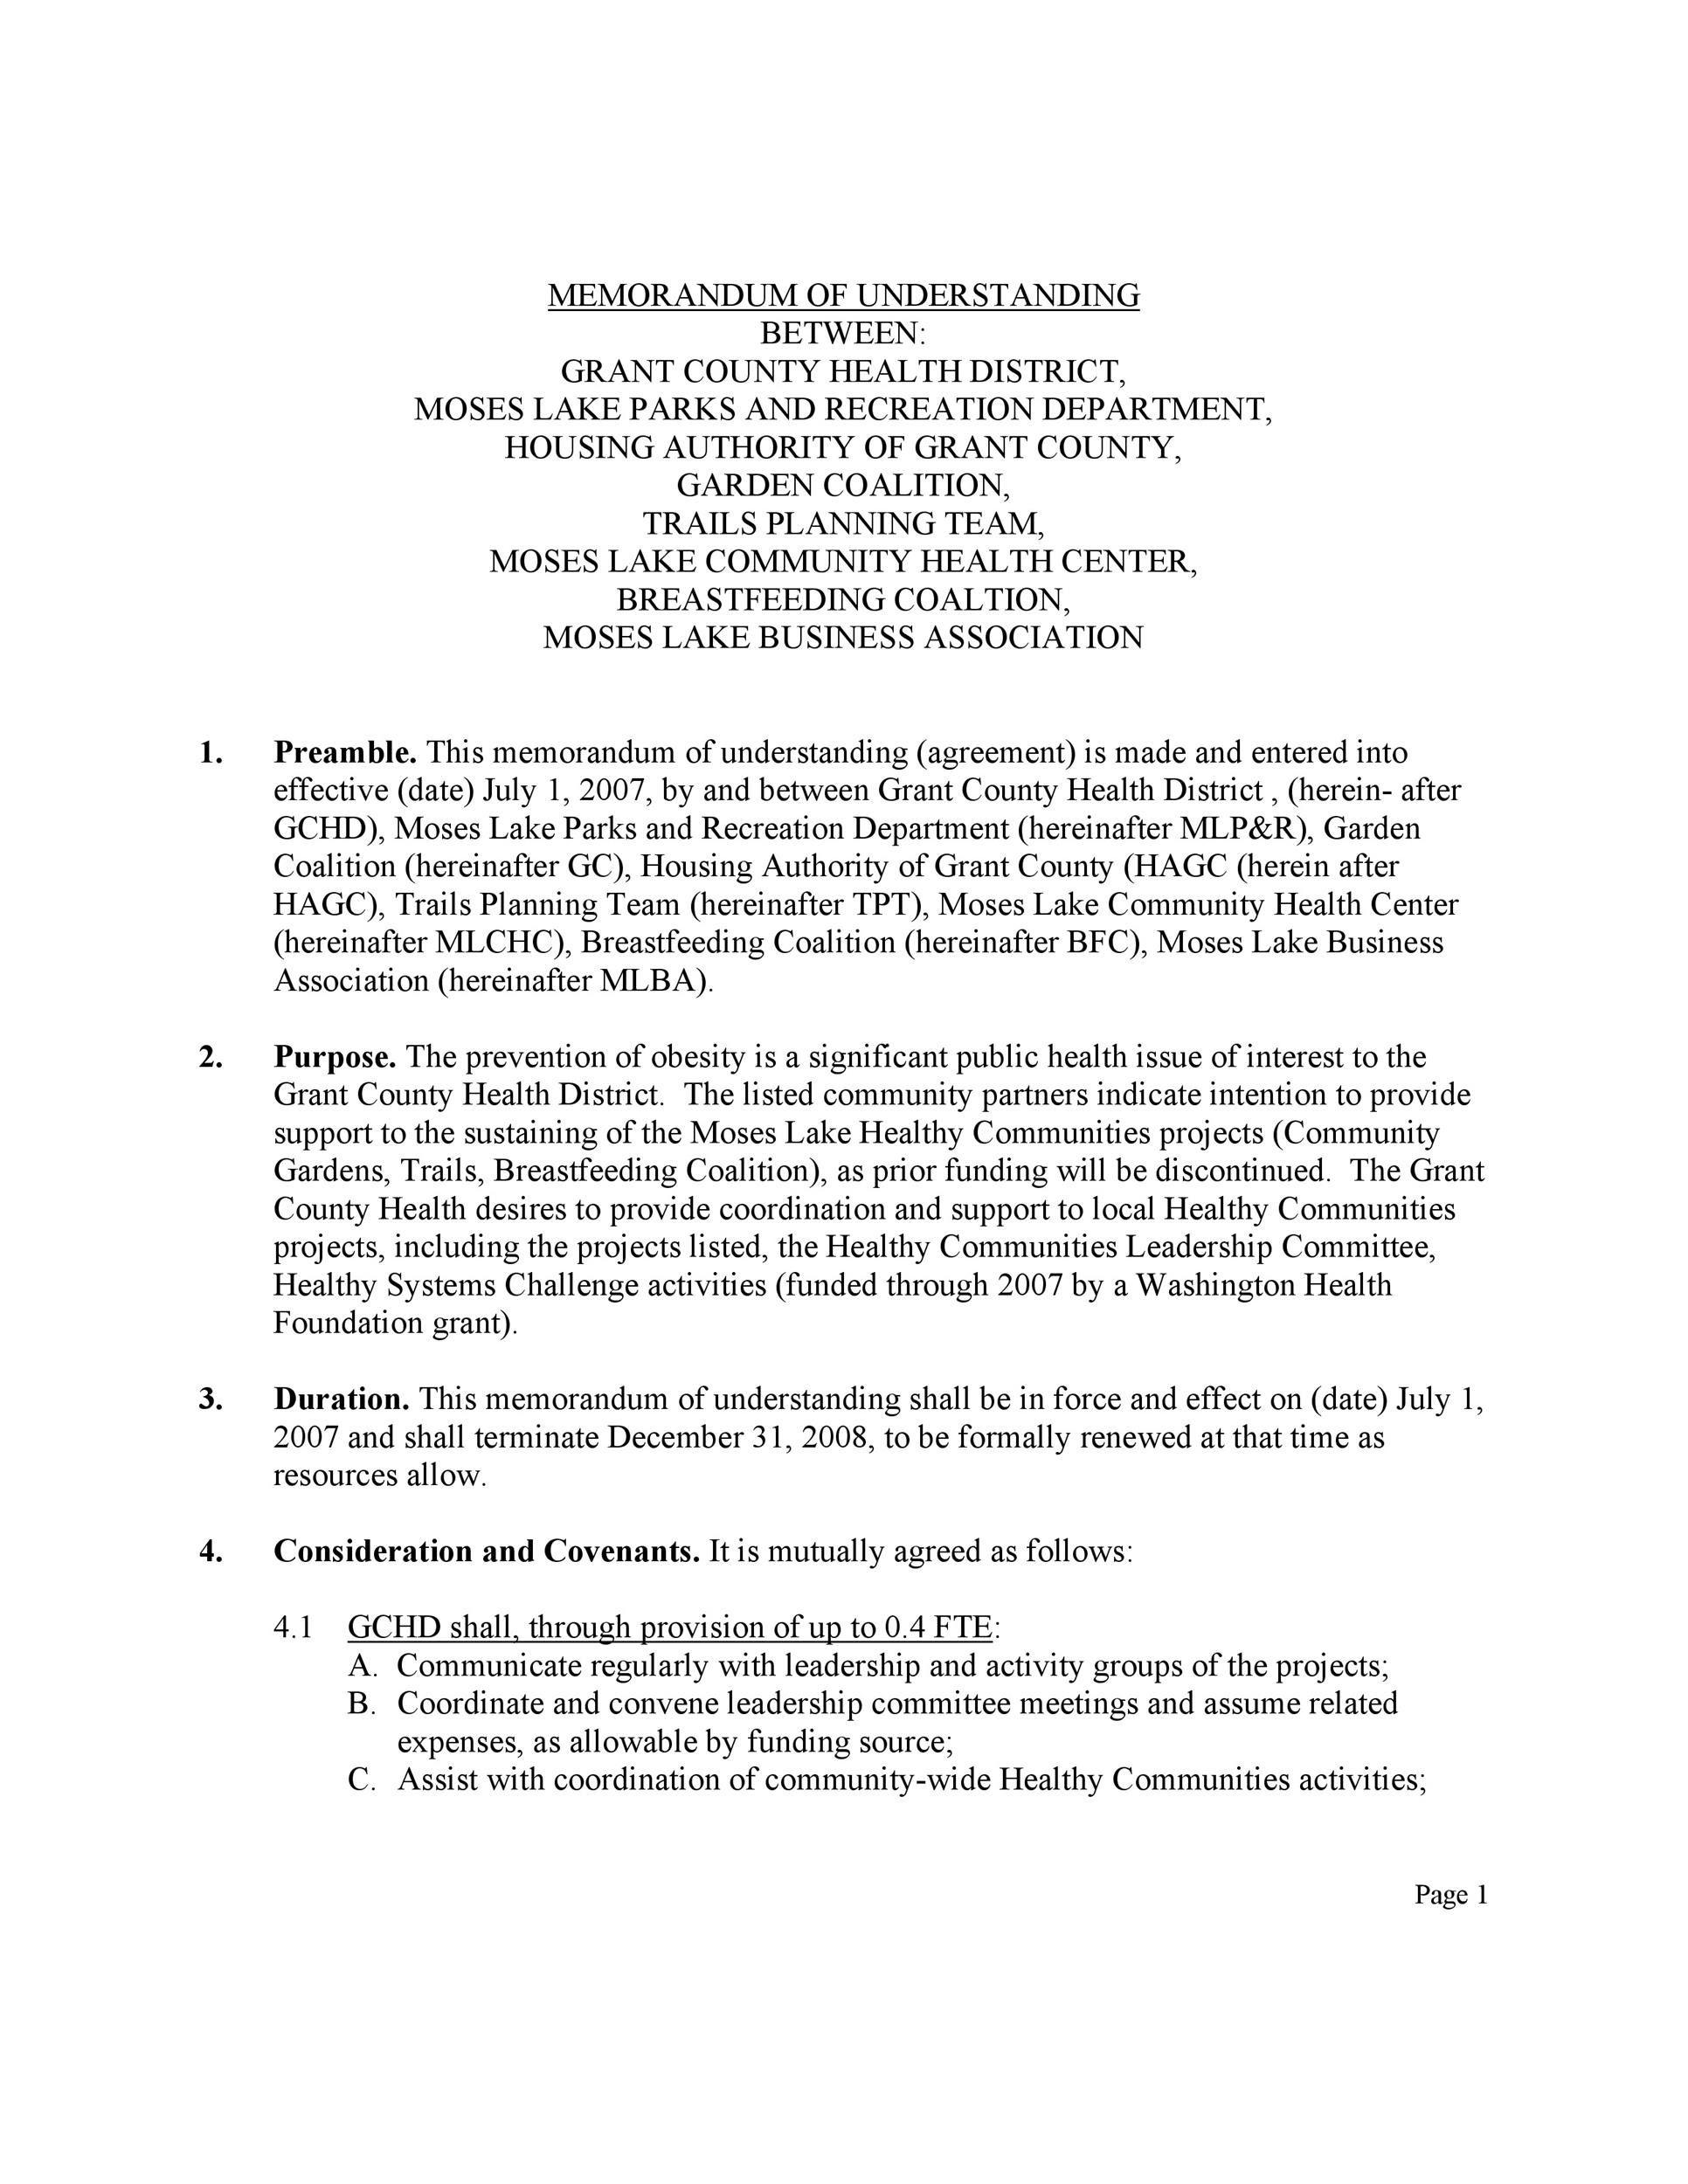 003 Marvelou Letter Of Understanding Sample Format High Resolution Full